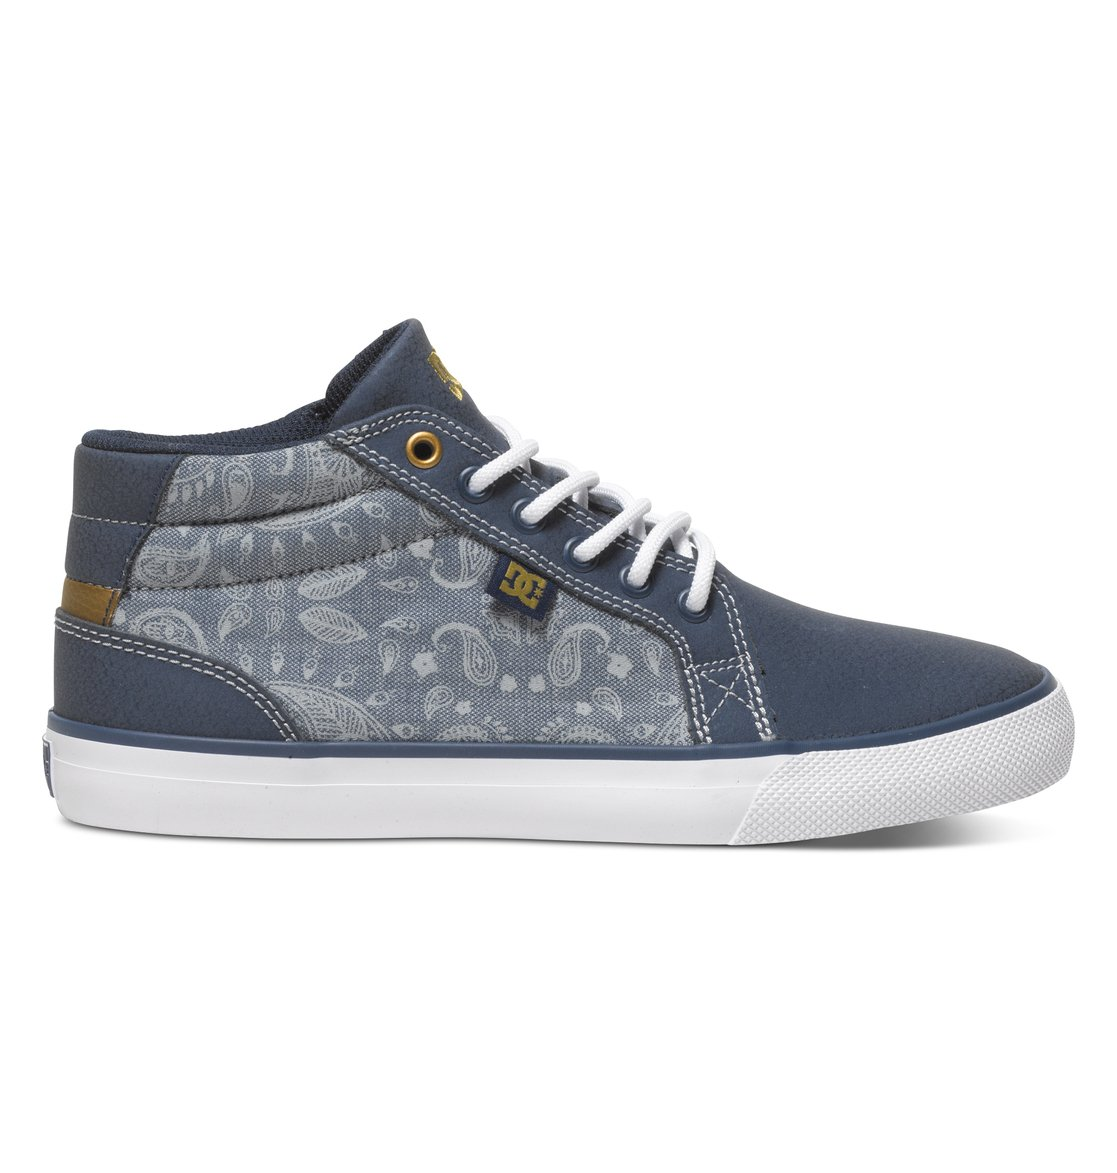 DC Shoes Chaussures Council SE